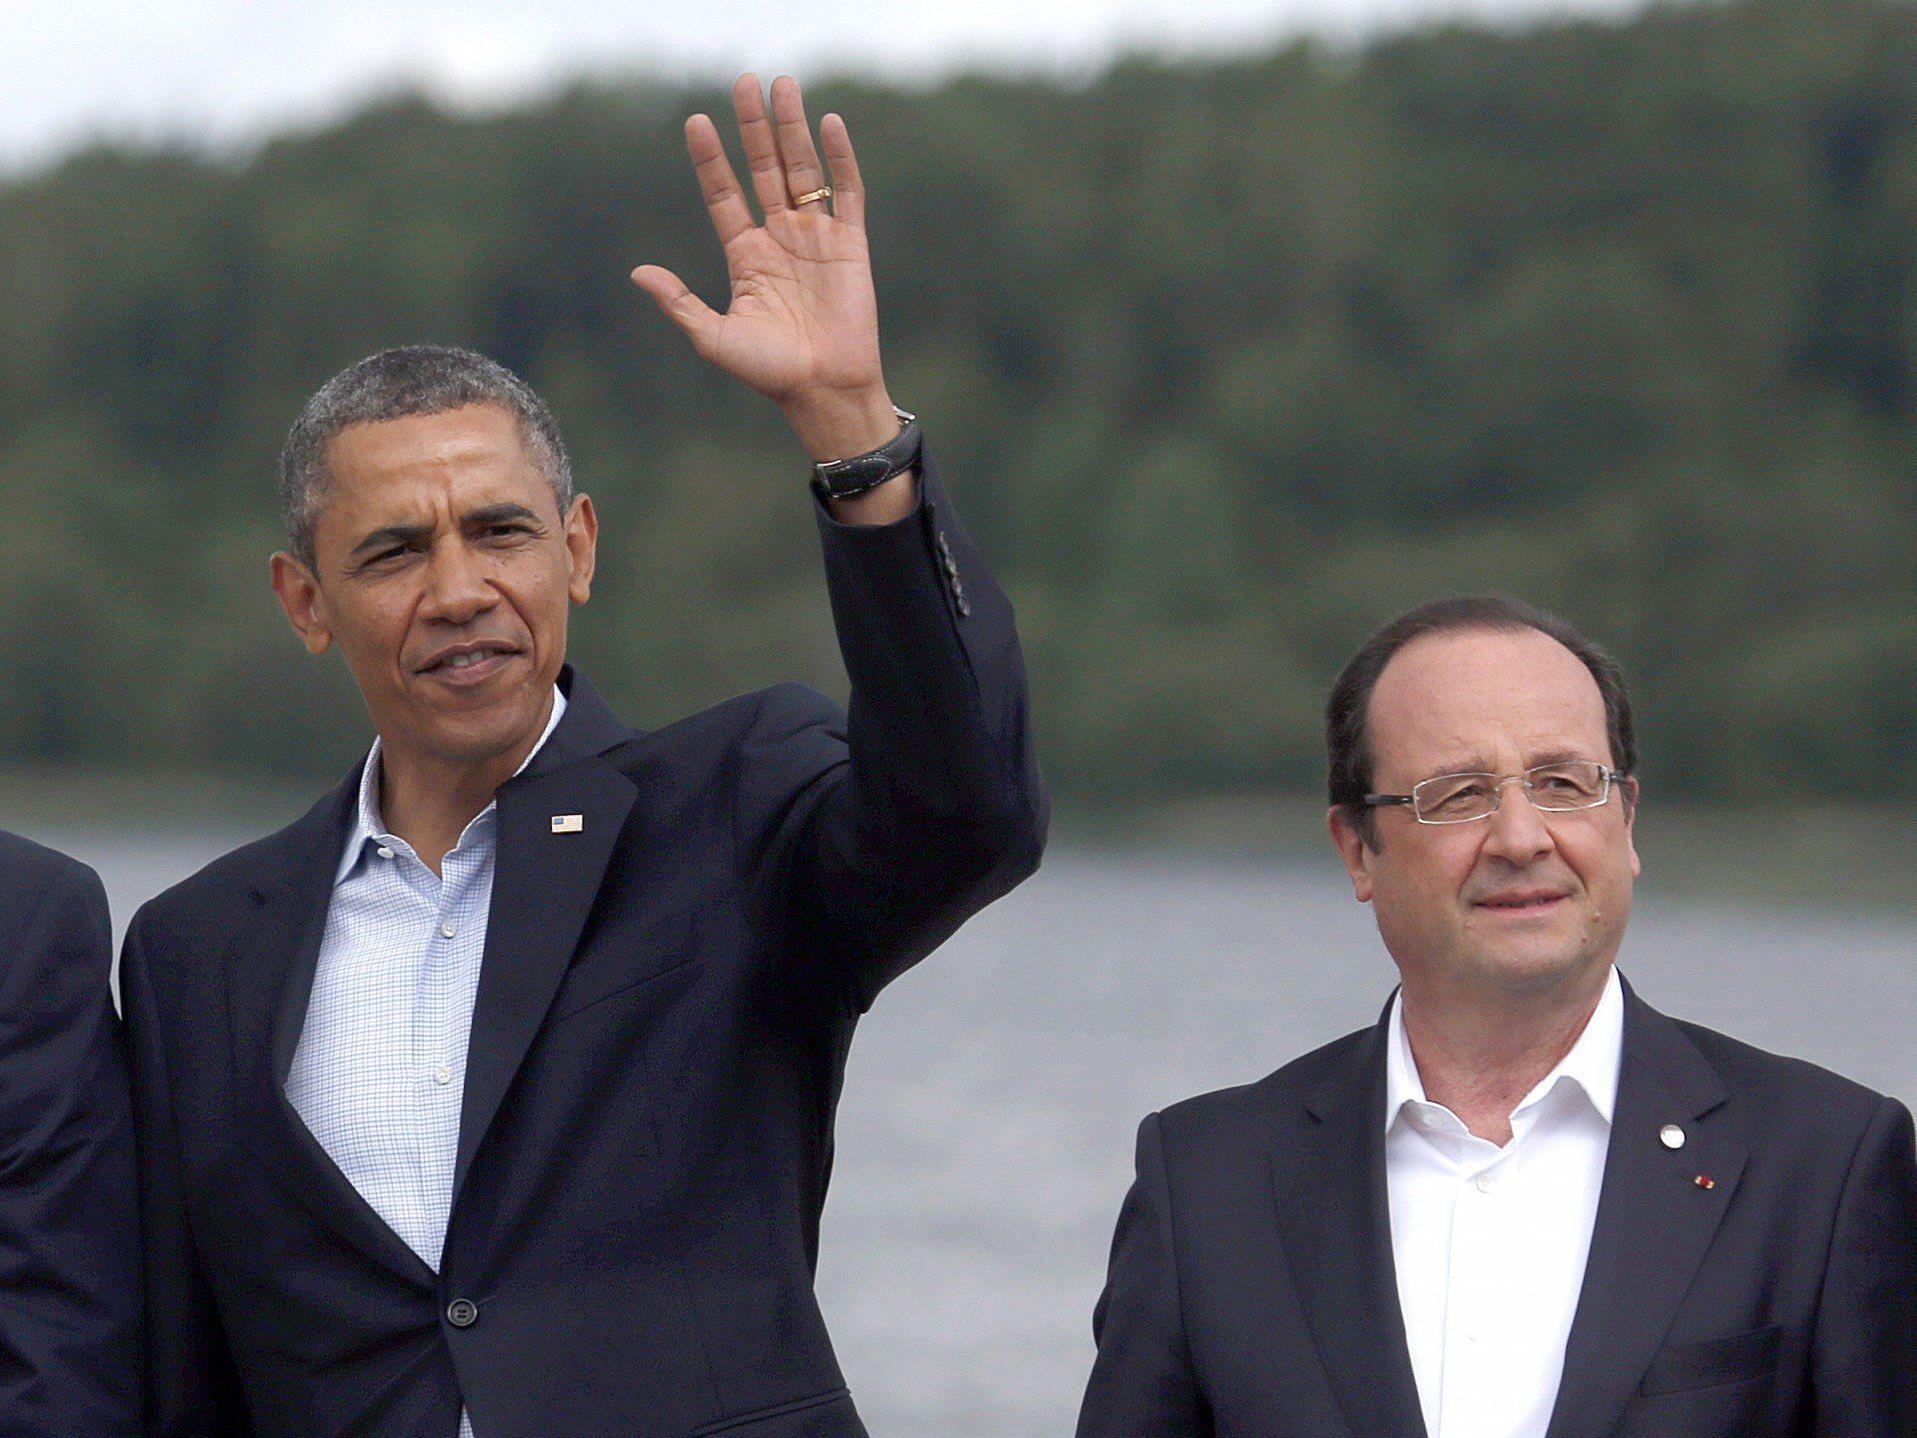 Präsidenten schrieben gemeinsamen Artikel vor Treffen in USA .